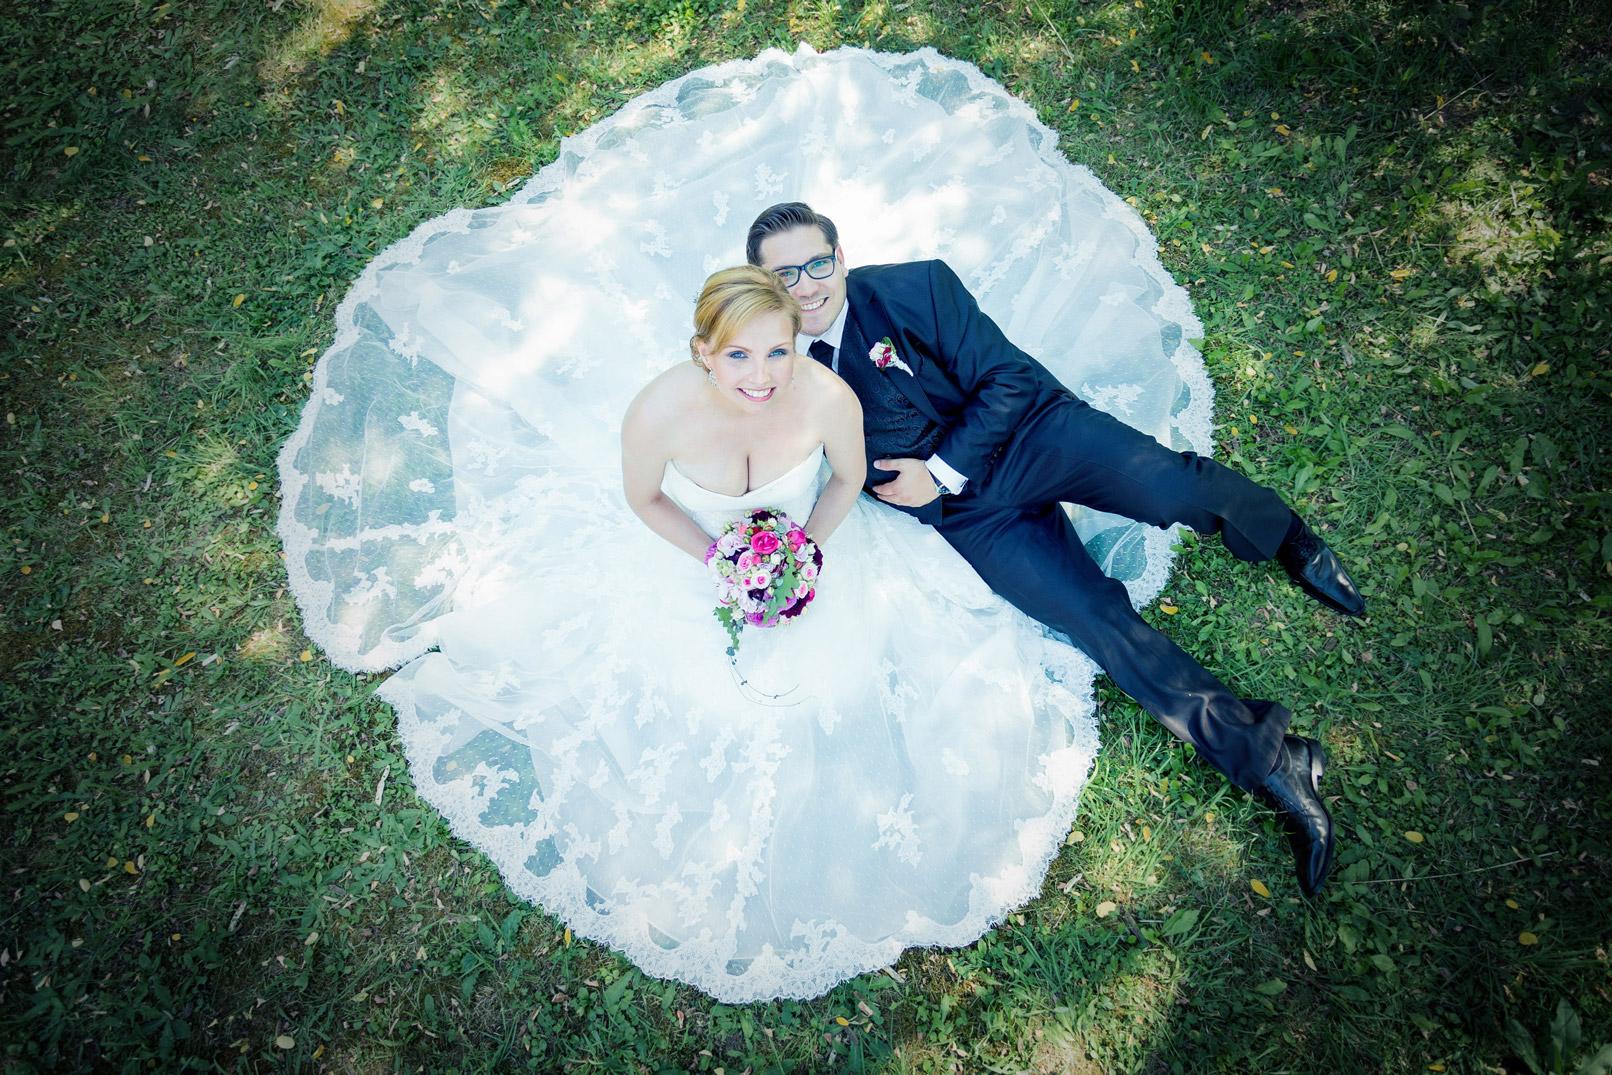 Hochzeitsfotografie: Brautpaar von oben auf einer Wiese fotografiert